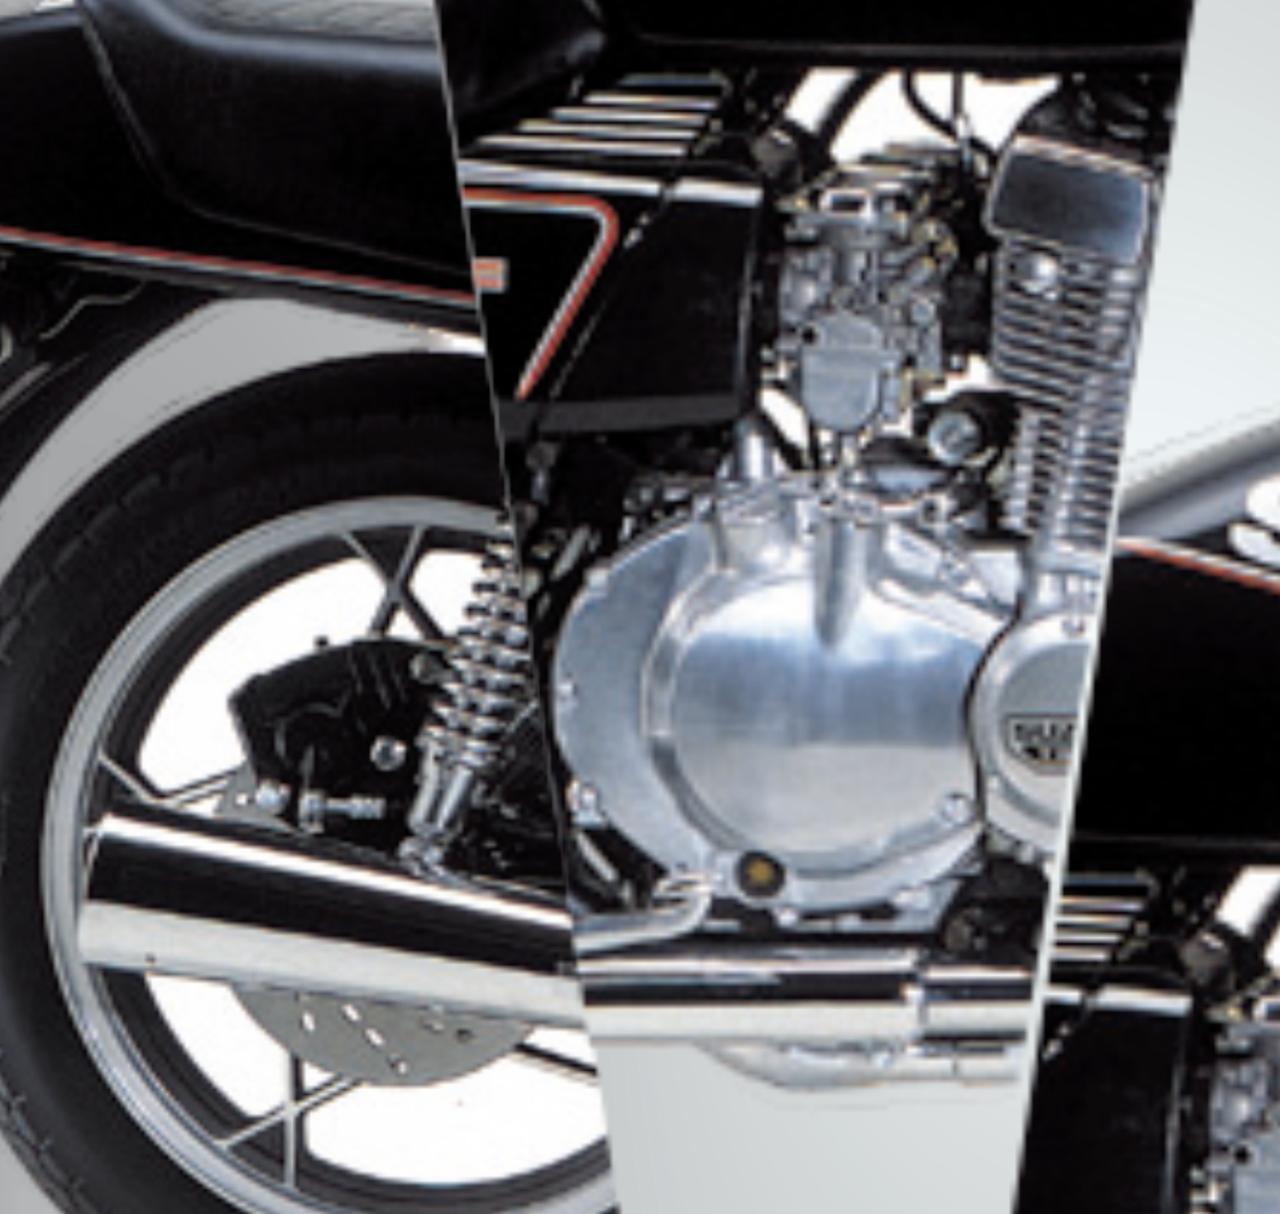 画像3: 【スズキ初の400cc4気筒モデルといえば?】このバイクなーんだ?